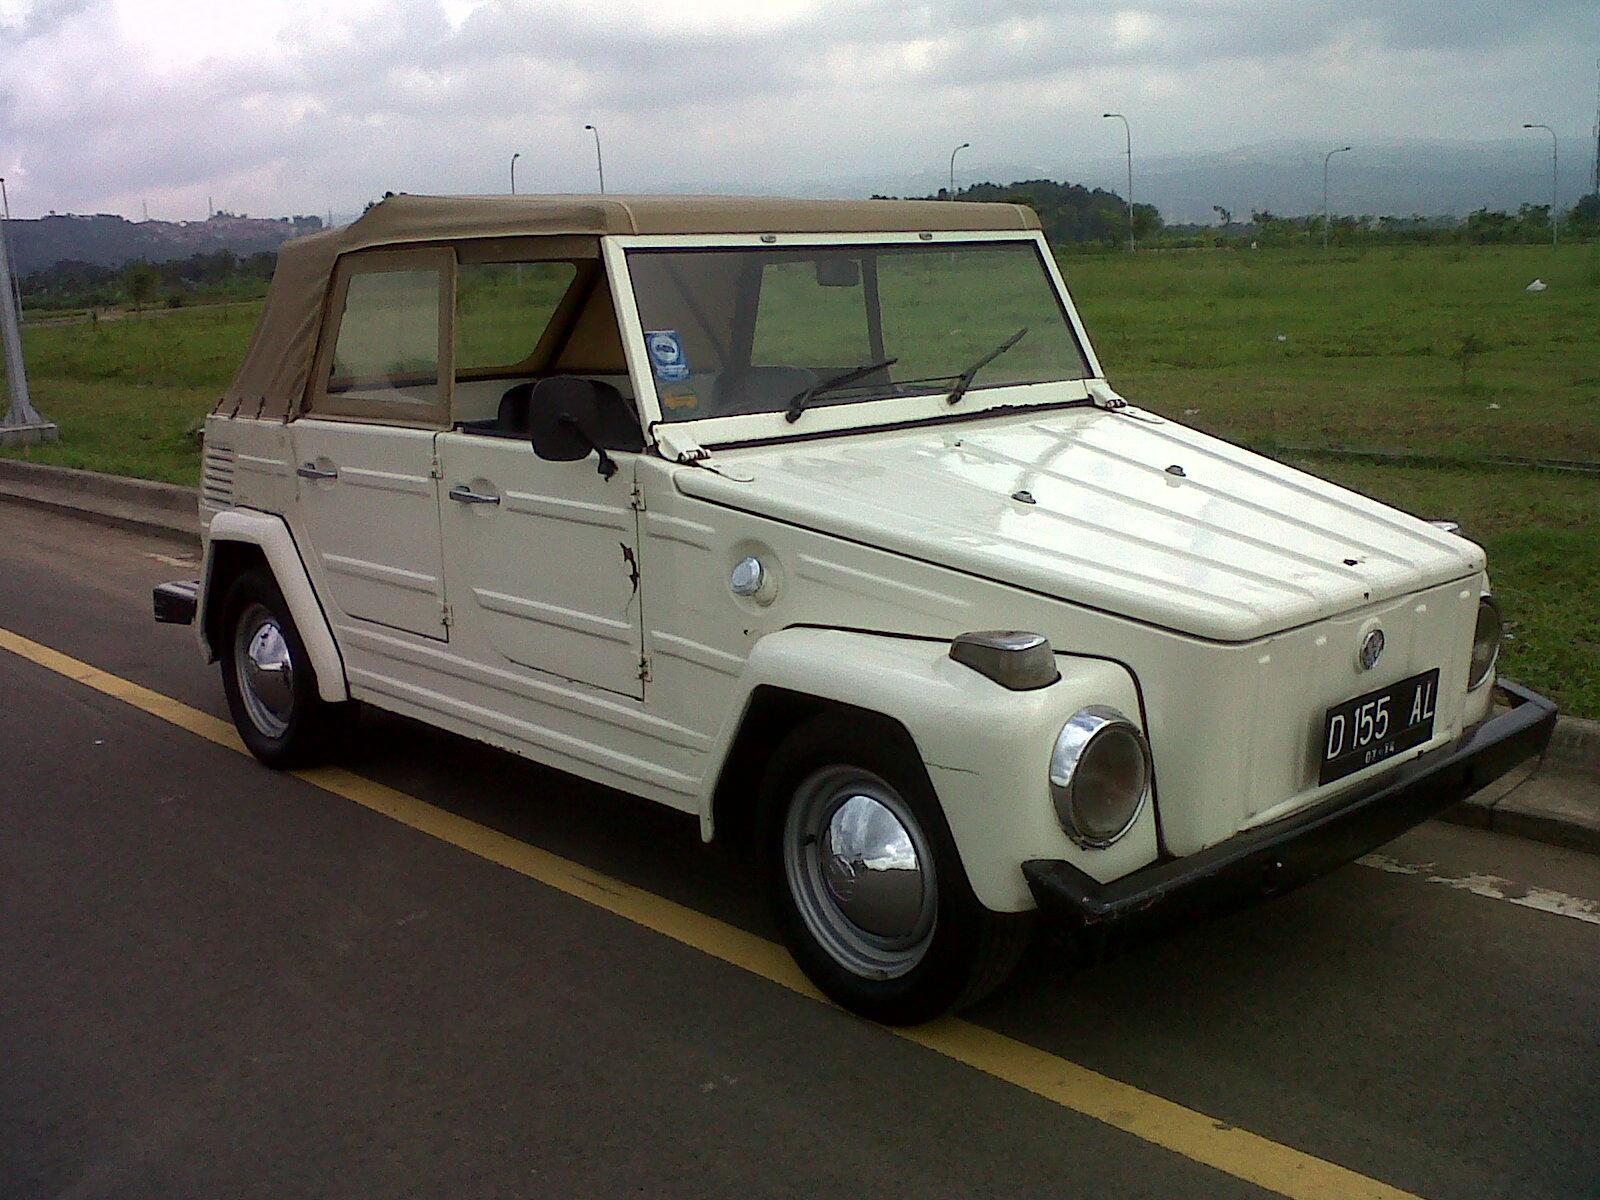 1974 Volkswagen Thing / Safari / Trekker / Type 182: VW Safari